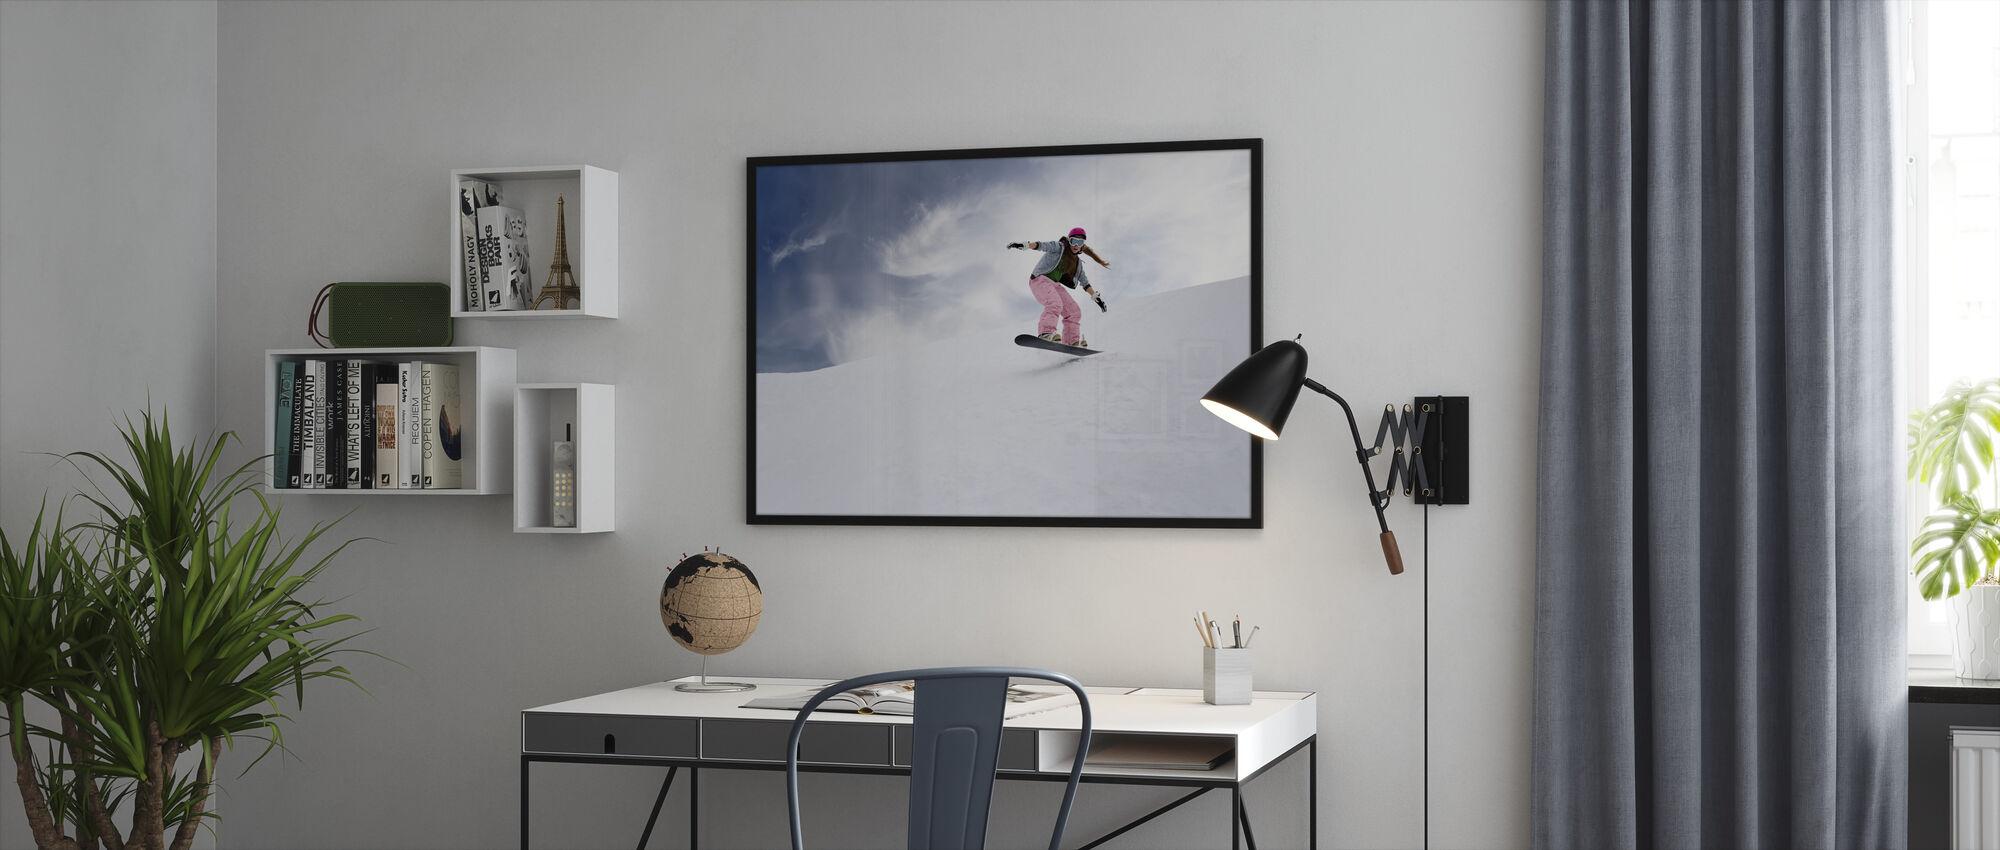 Lumilauta ratsastaja - Kehystetty kuva - Toimisto